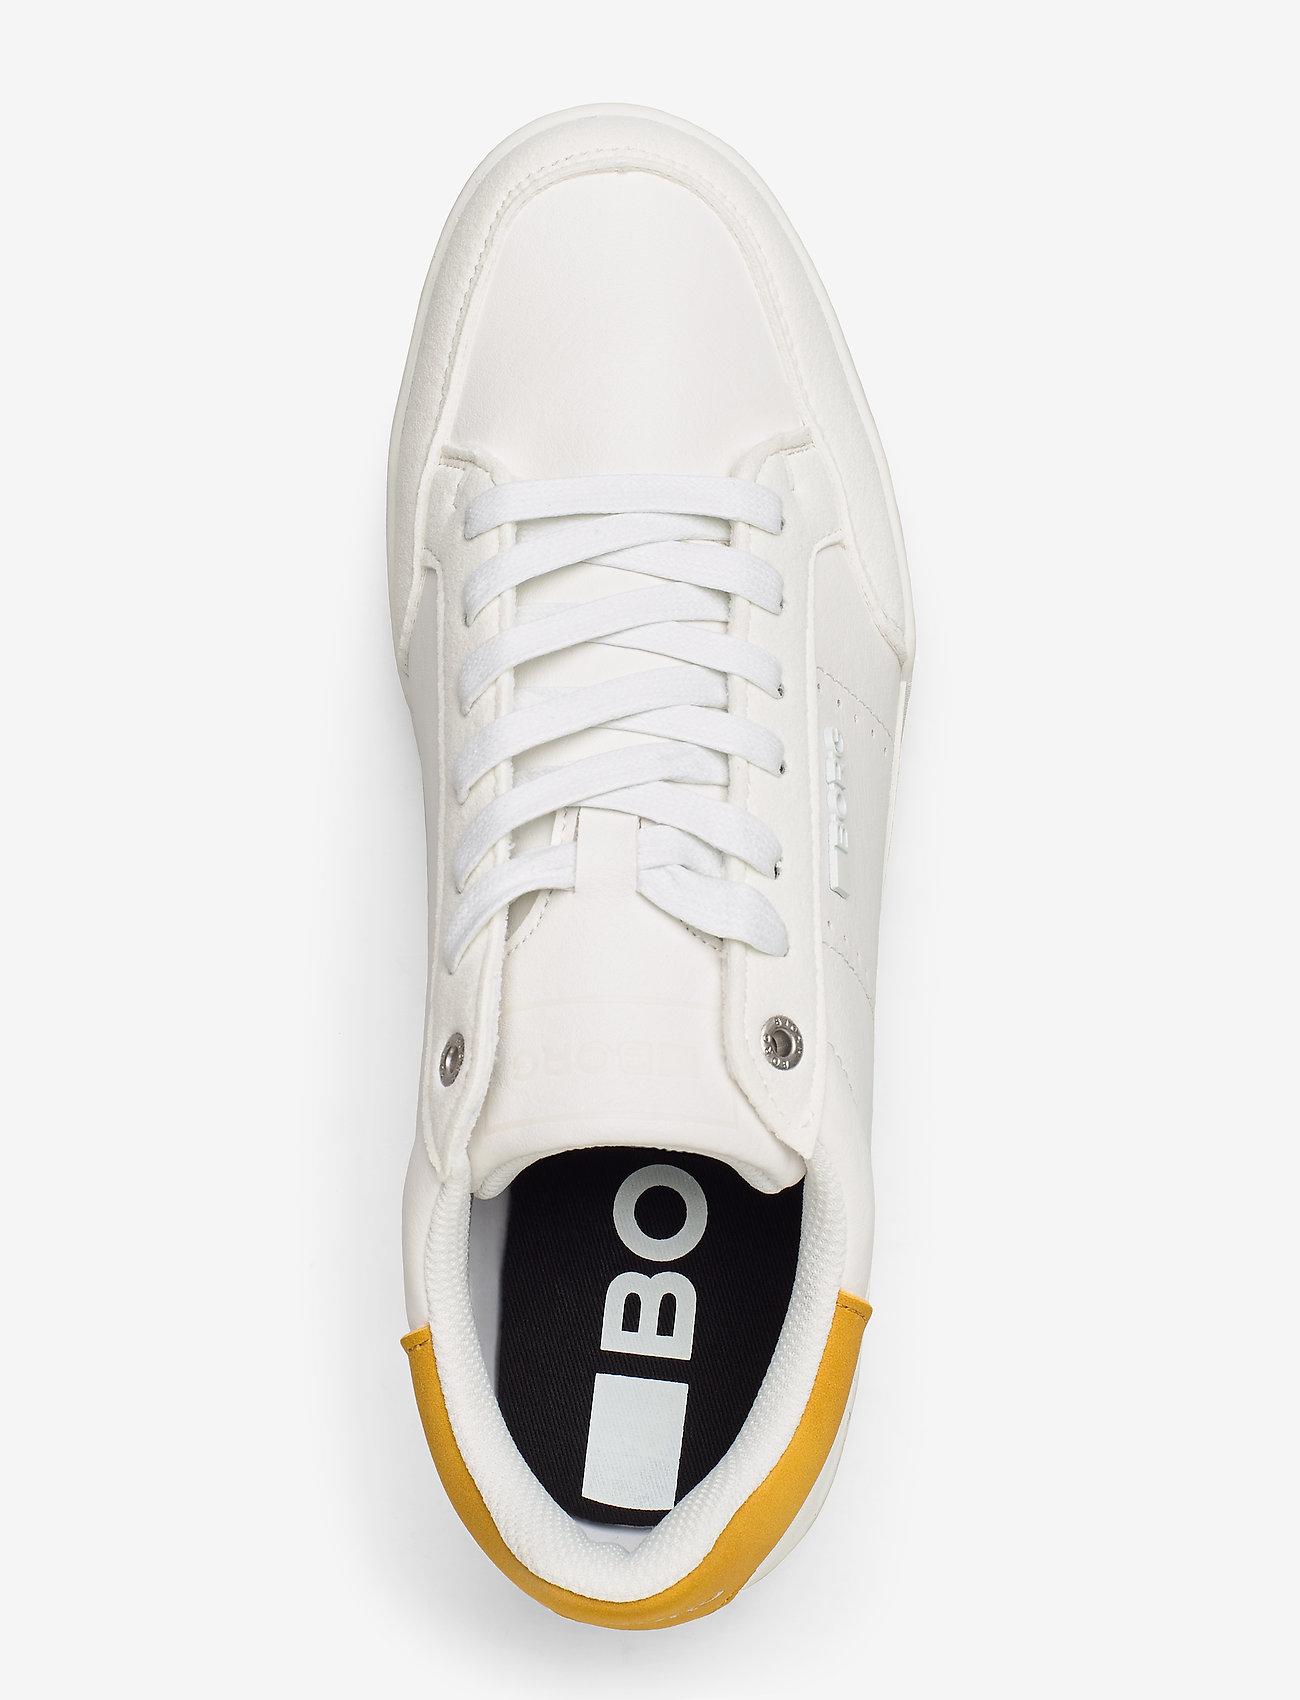 T1316 Spt M (White-yellow) (455 kr) - Björn Borg